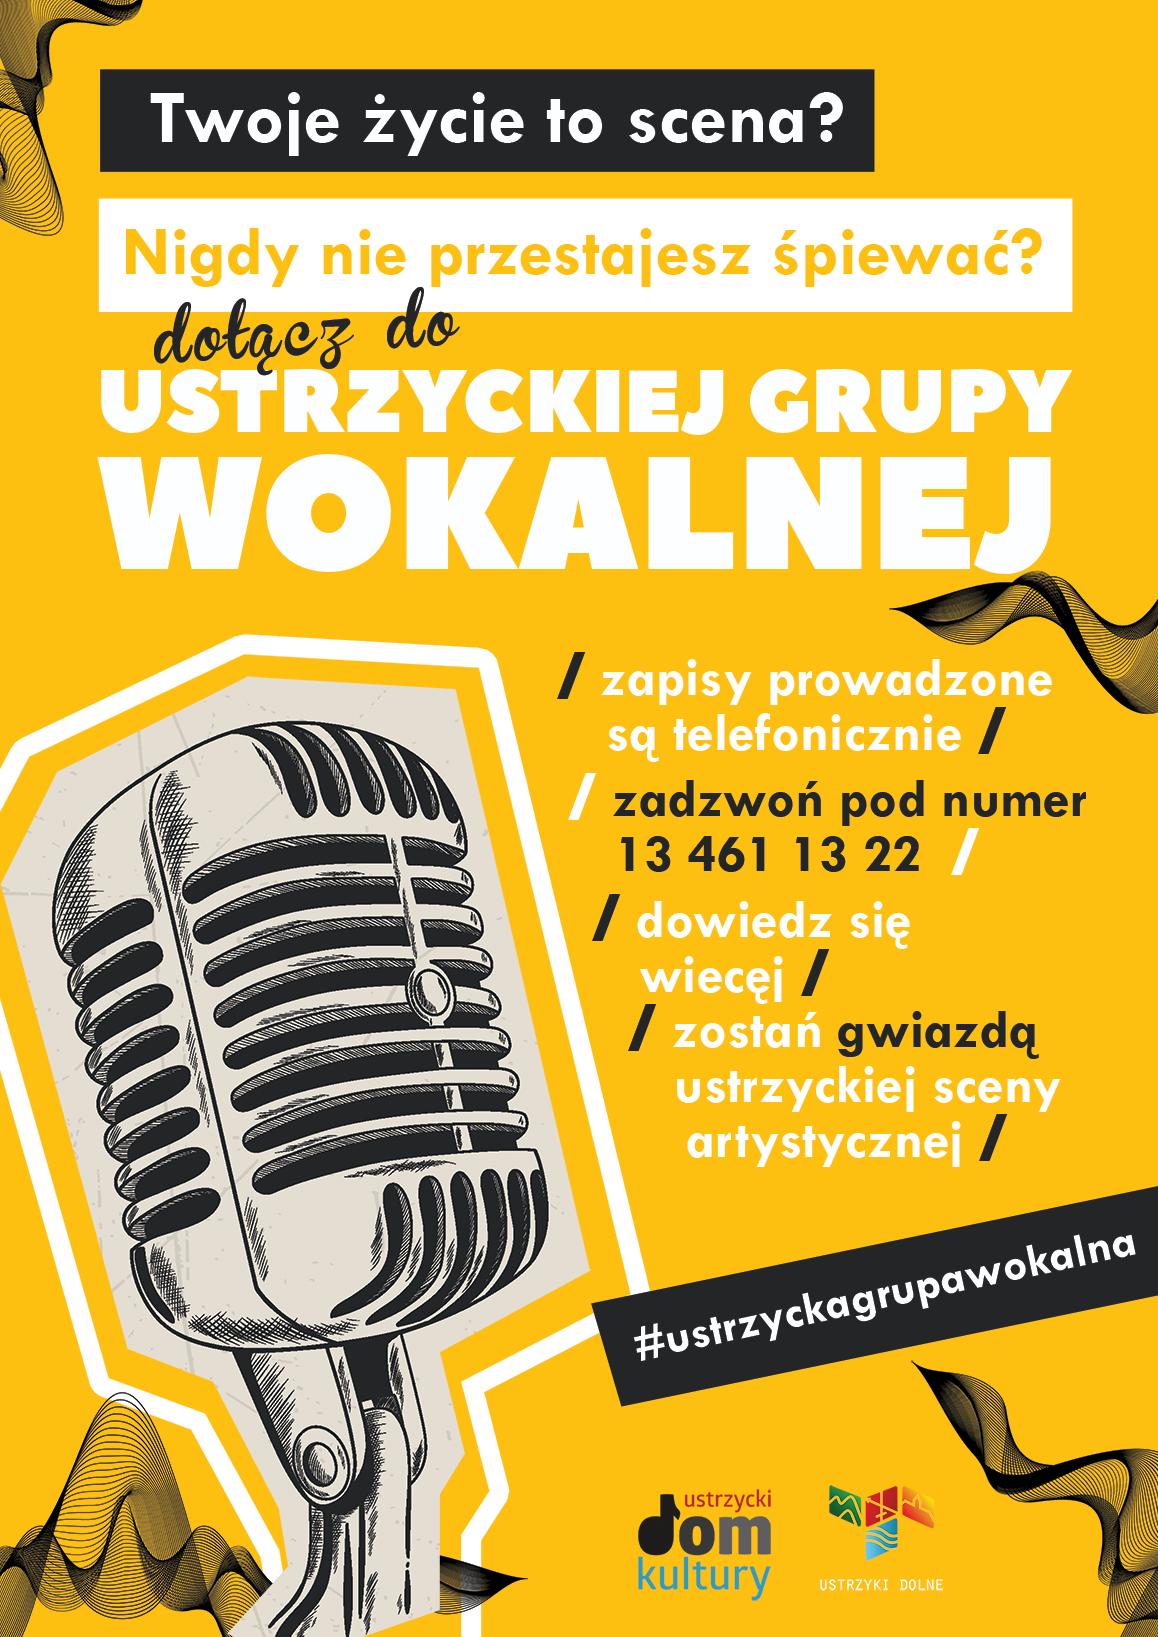 Ustrzycka Grupa Wokalna - grafika z informacjami do kontaktu